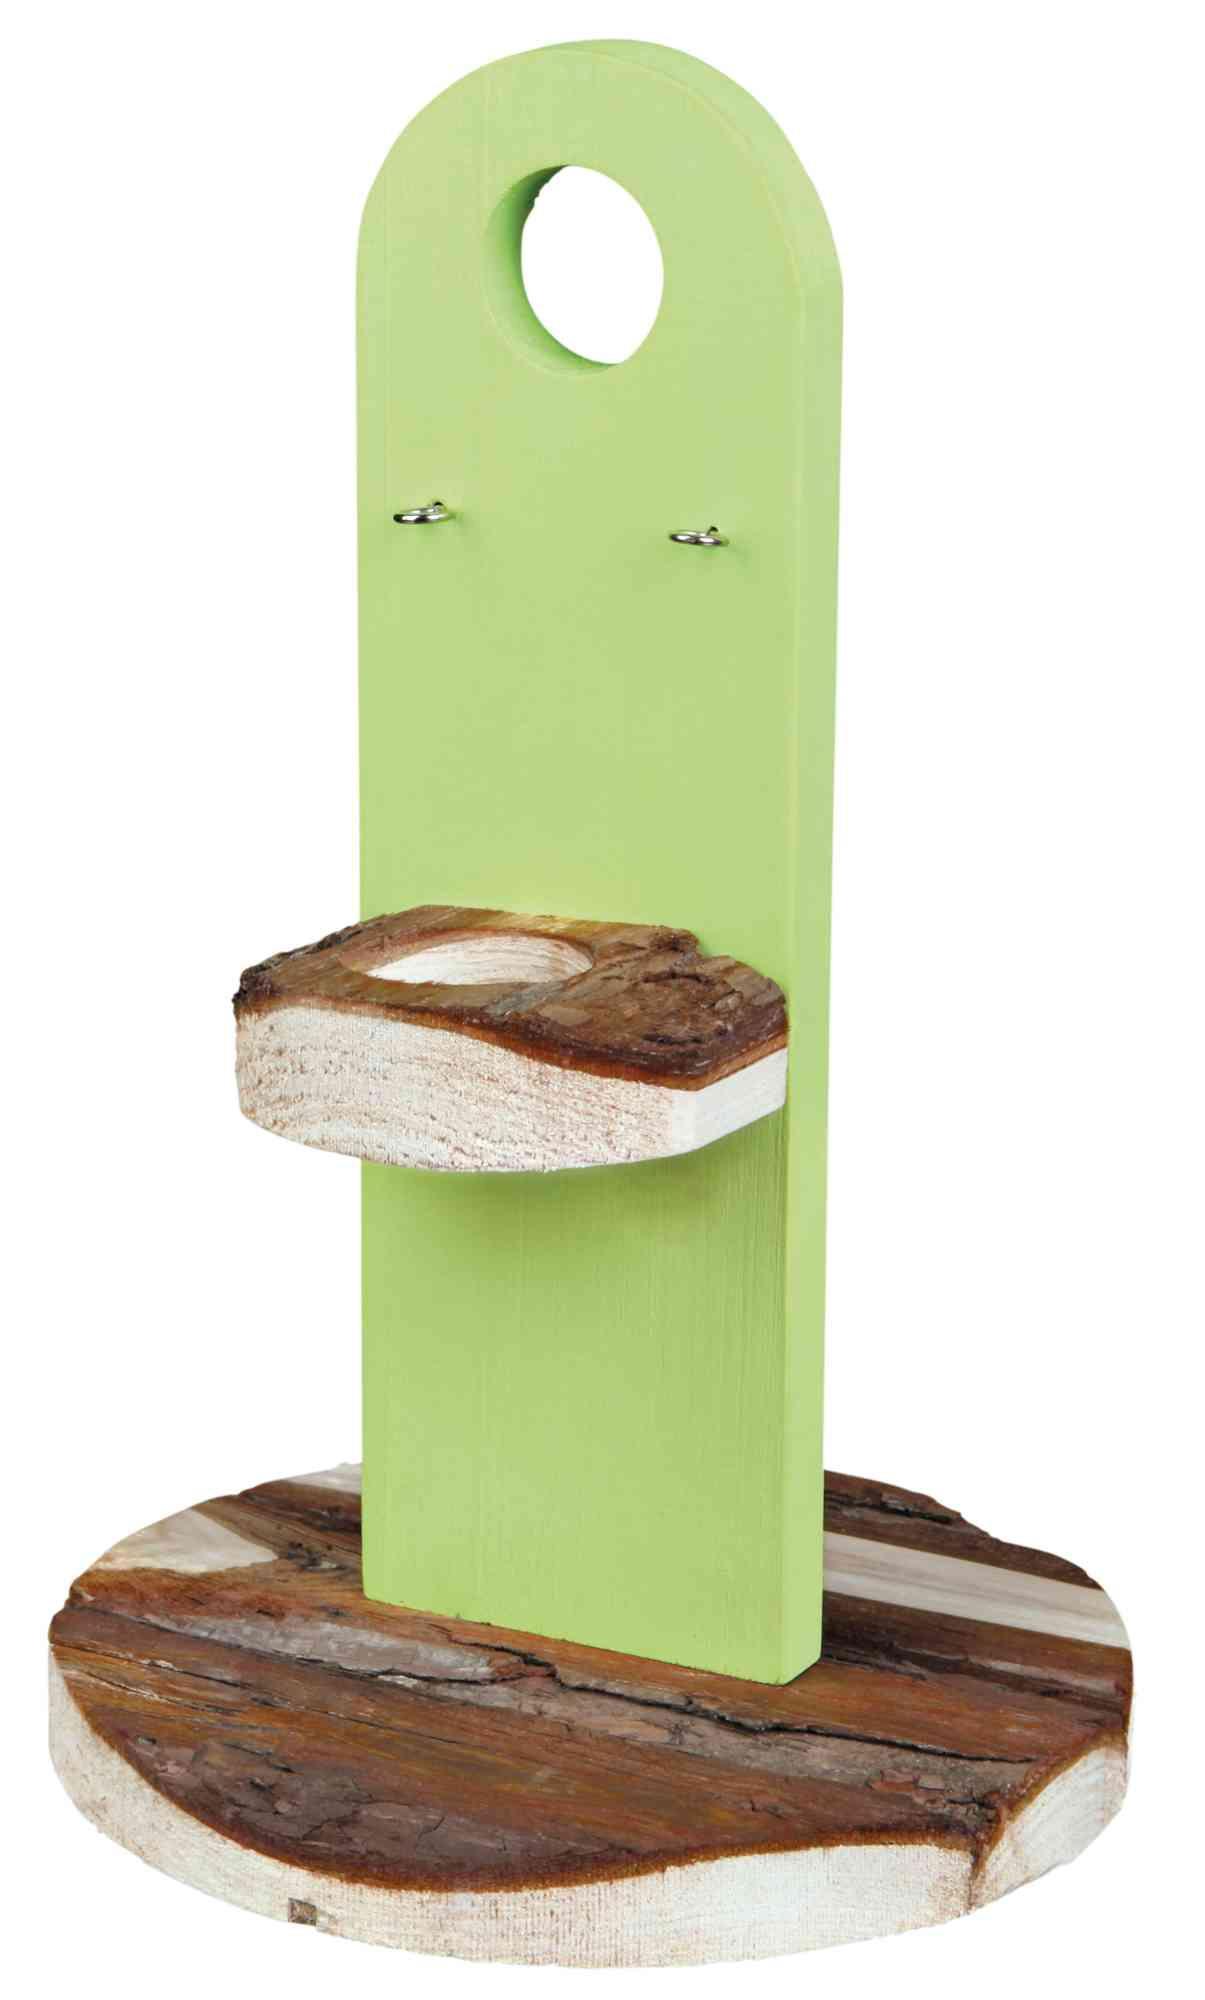 Trixie Trinkflaschenhalter aus natürlichem lebendem Holz